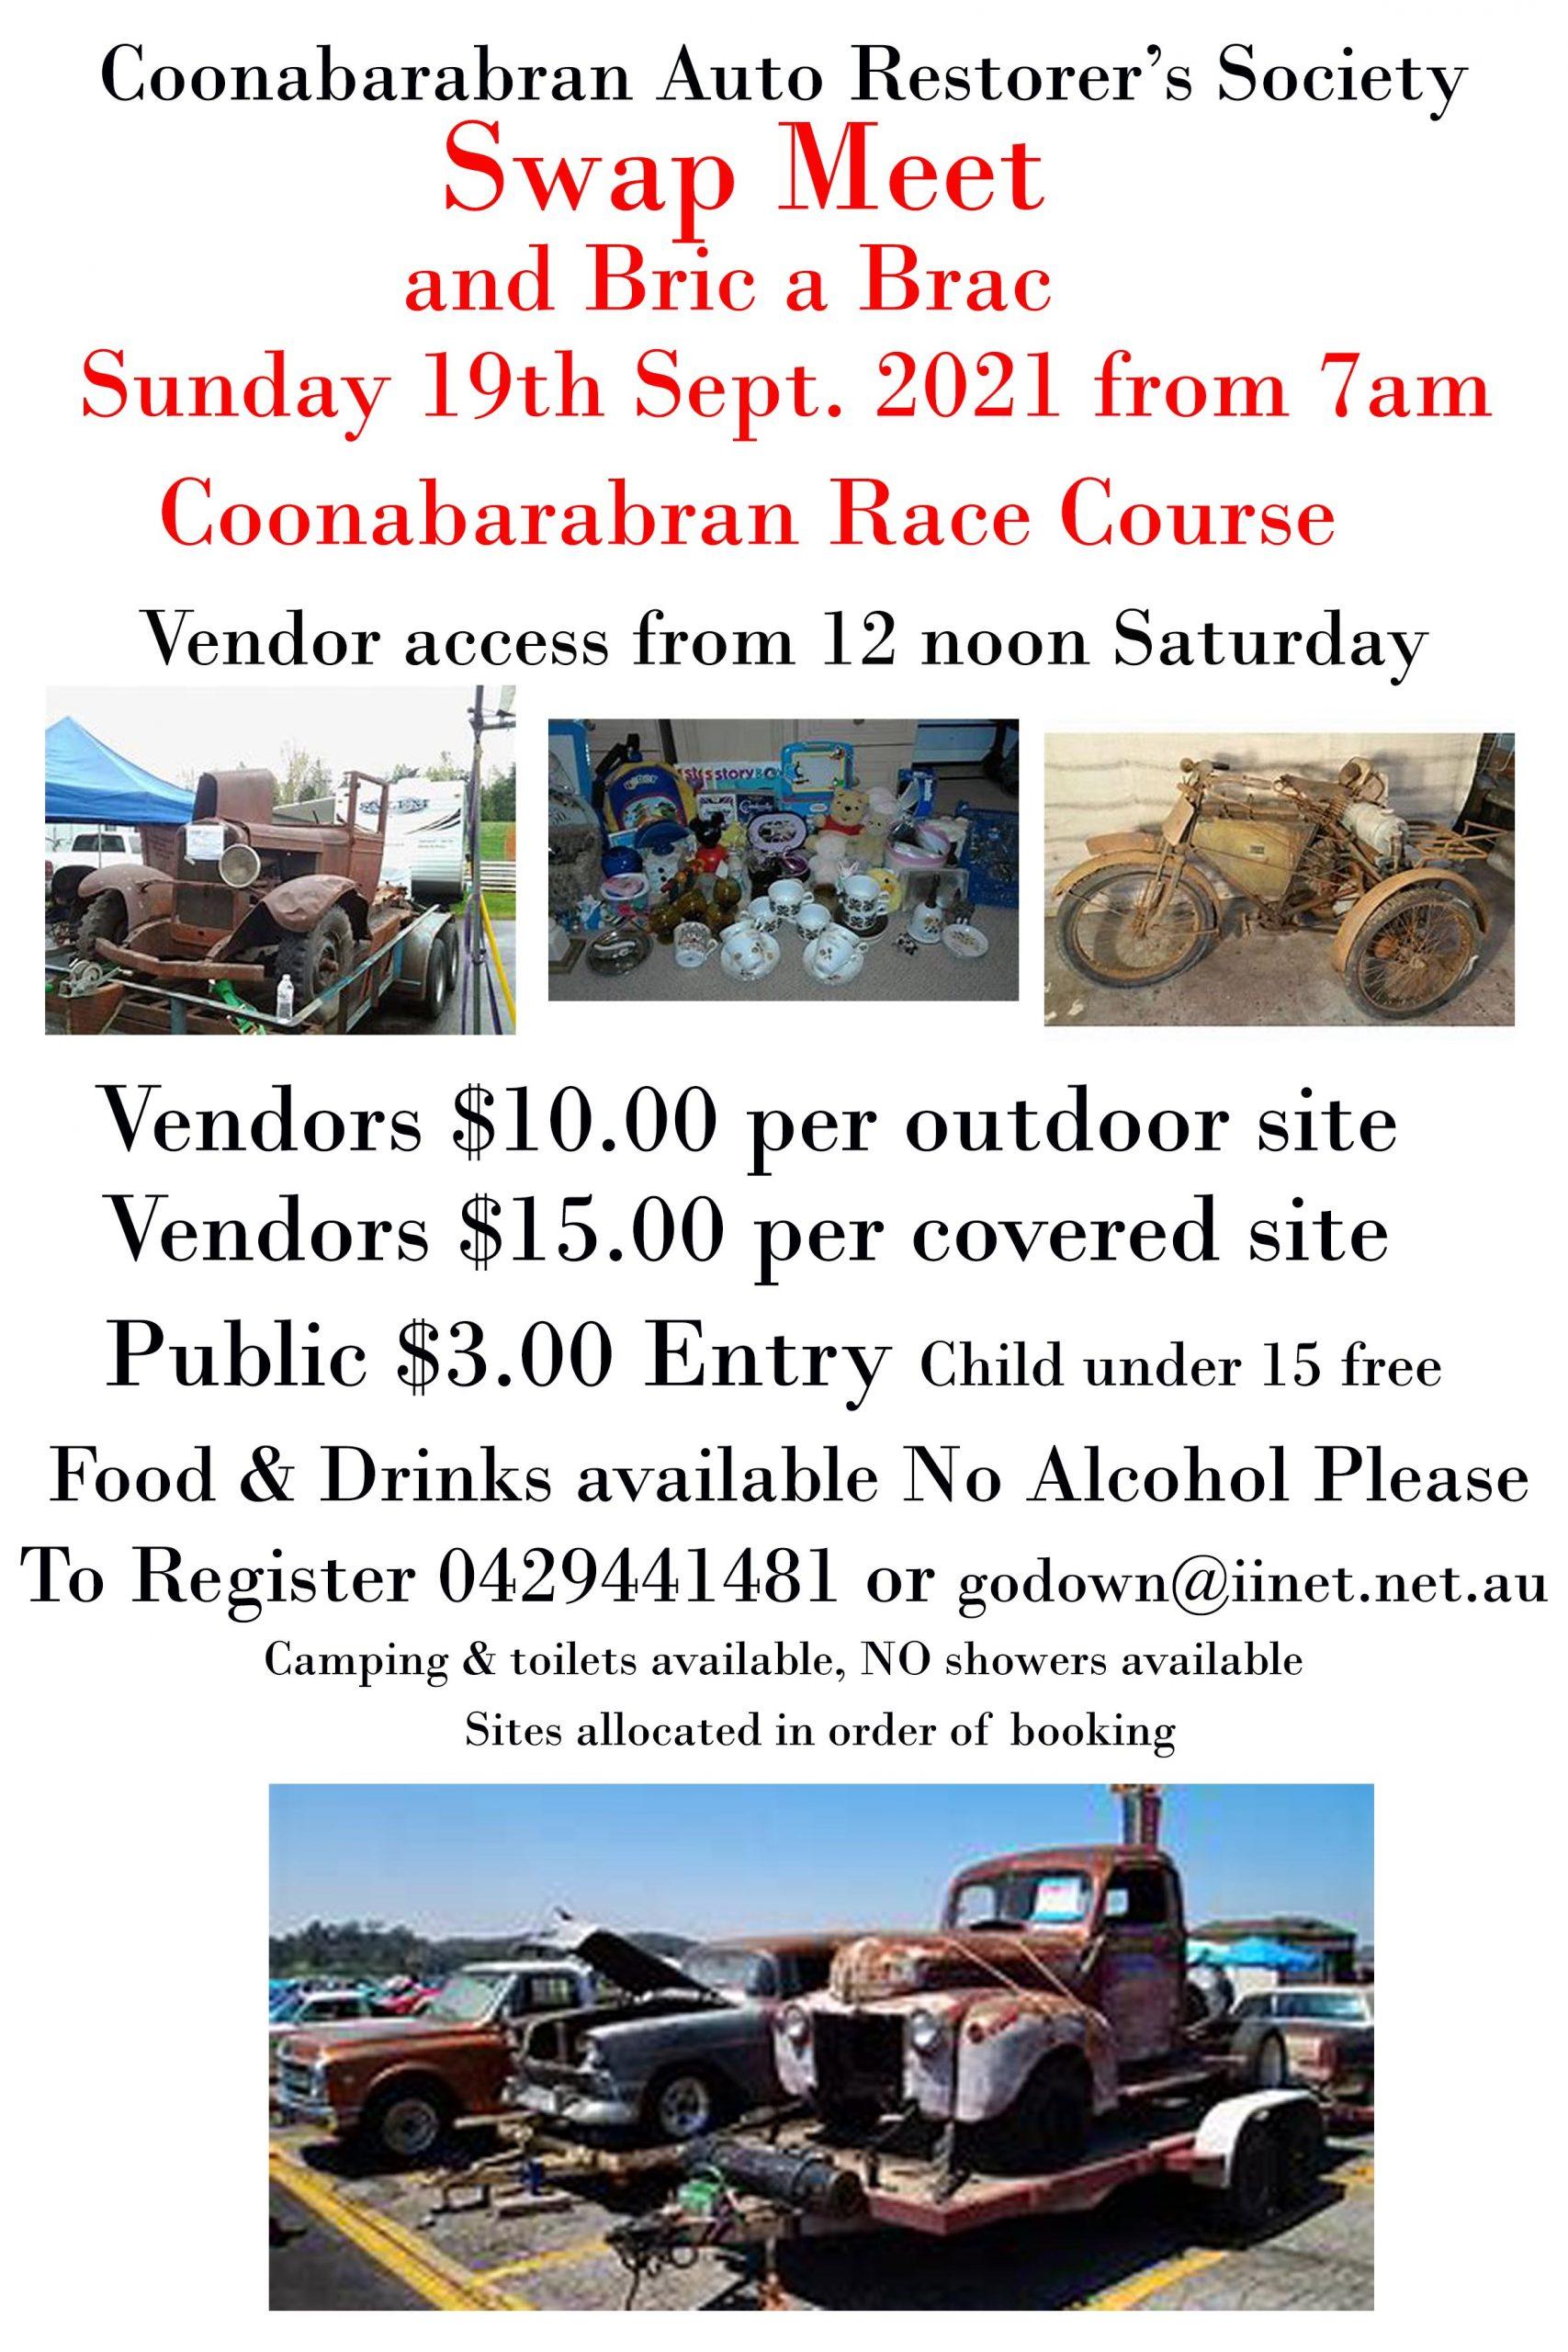 Coonabarabran Car Club Swapmeet 2021 @ Coonabarabran Racecourse australia | Coonabarabran | New South Wales | Australia